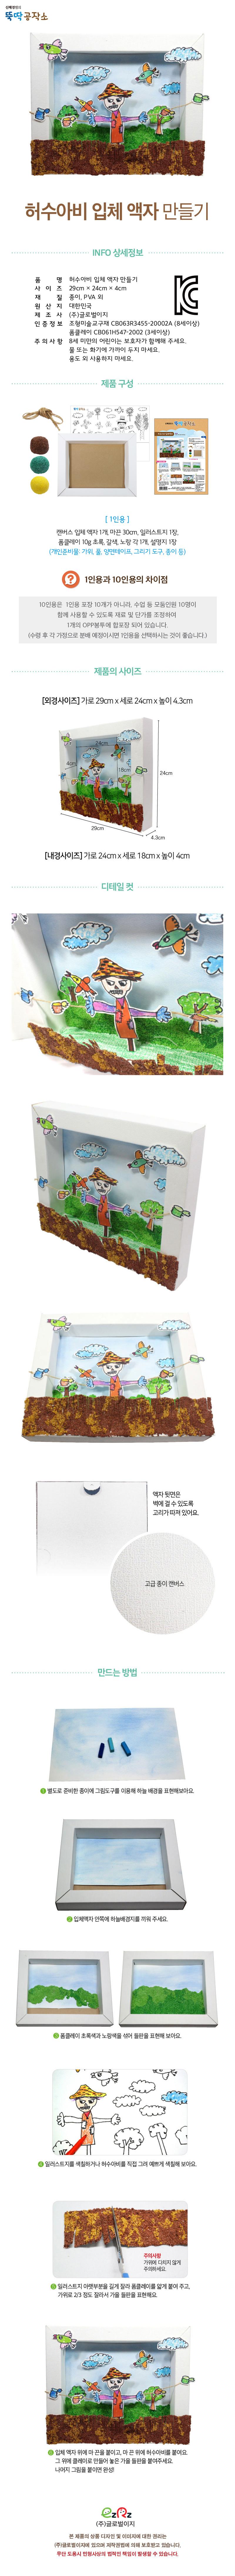 허수아비 입체 액자 만들기(10개세트) - 이지피아, 22,400원, DIY그리기, 명화/풍경 그리기